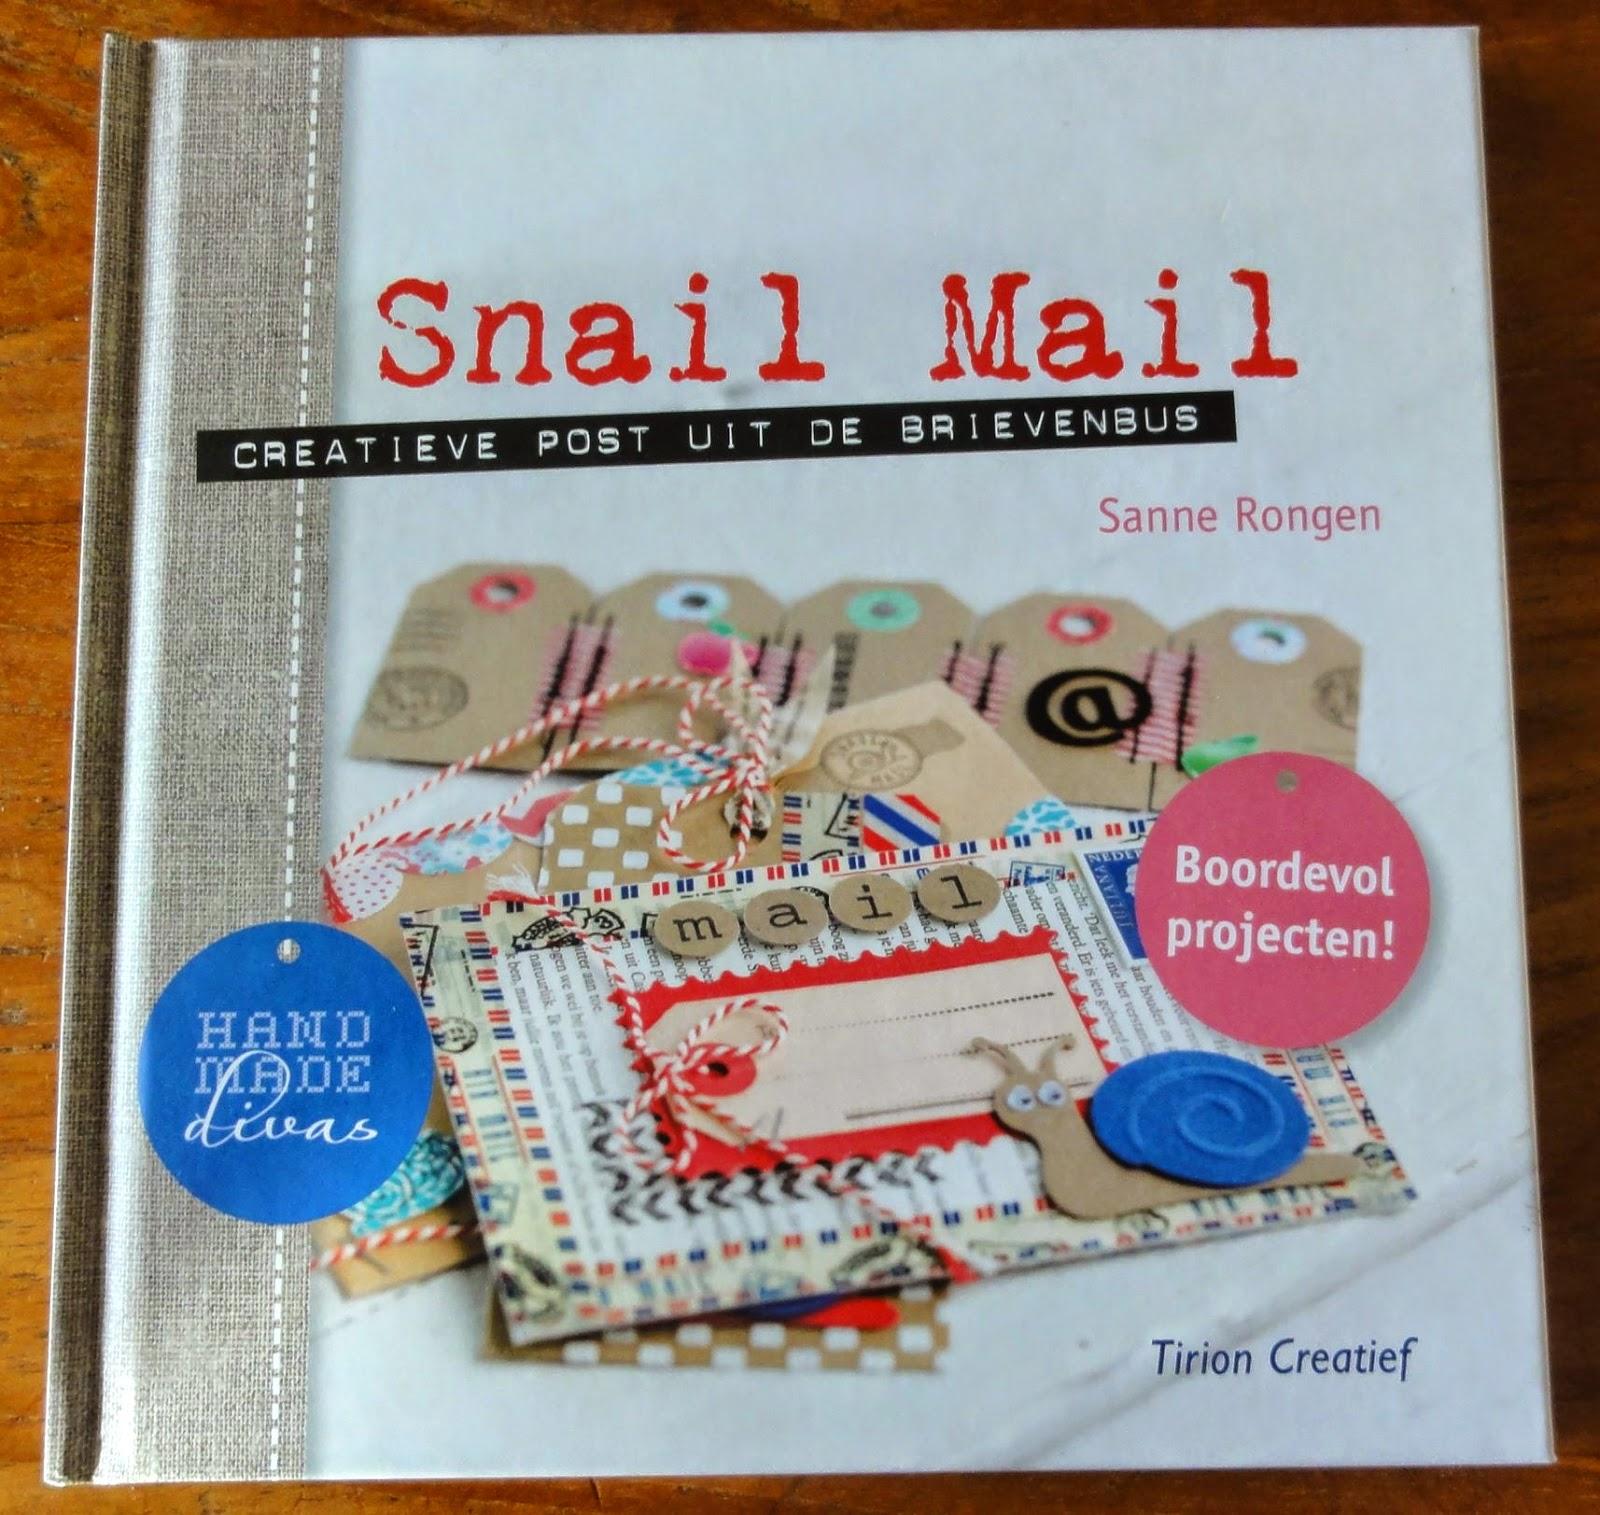 http://scrapcardsandstuff.blogspot.nl/2014/08/snail-mail-nu-verkrijgbaar.html